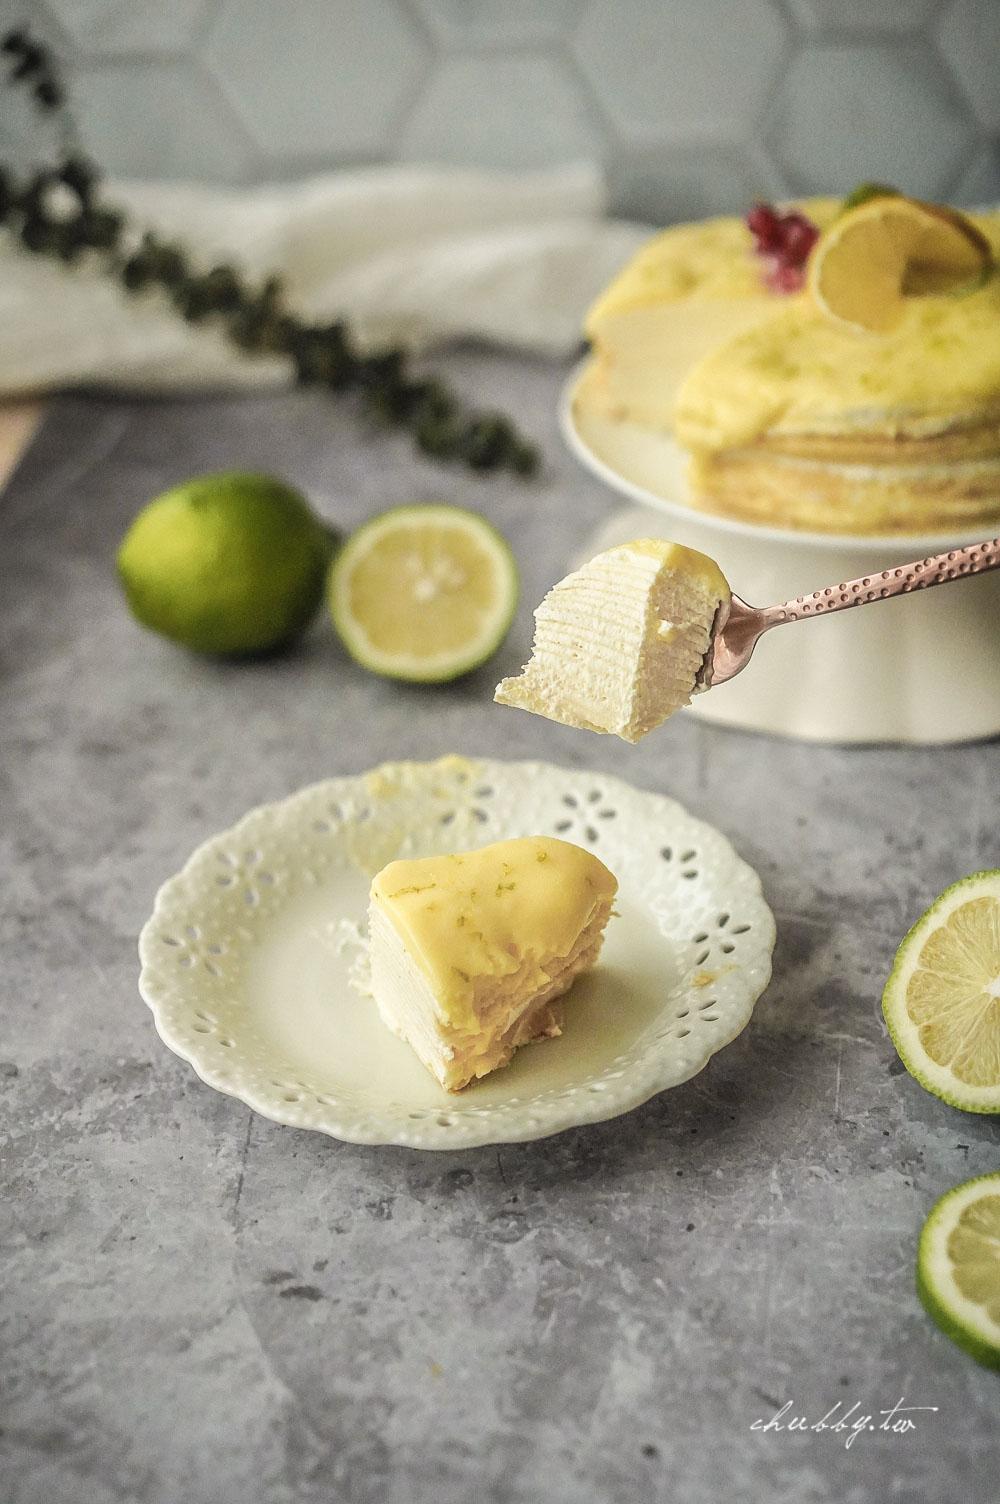 【台北千層蛋糕推薦】皮皮手作千層蛋糕,季節限定檸檬千層蛋糕,濕潤千層層次分明、酸甜檸檬奶醬微凍口感最銷魂